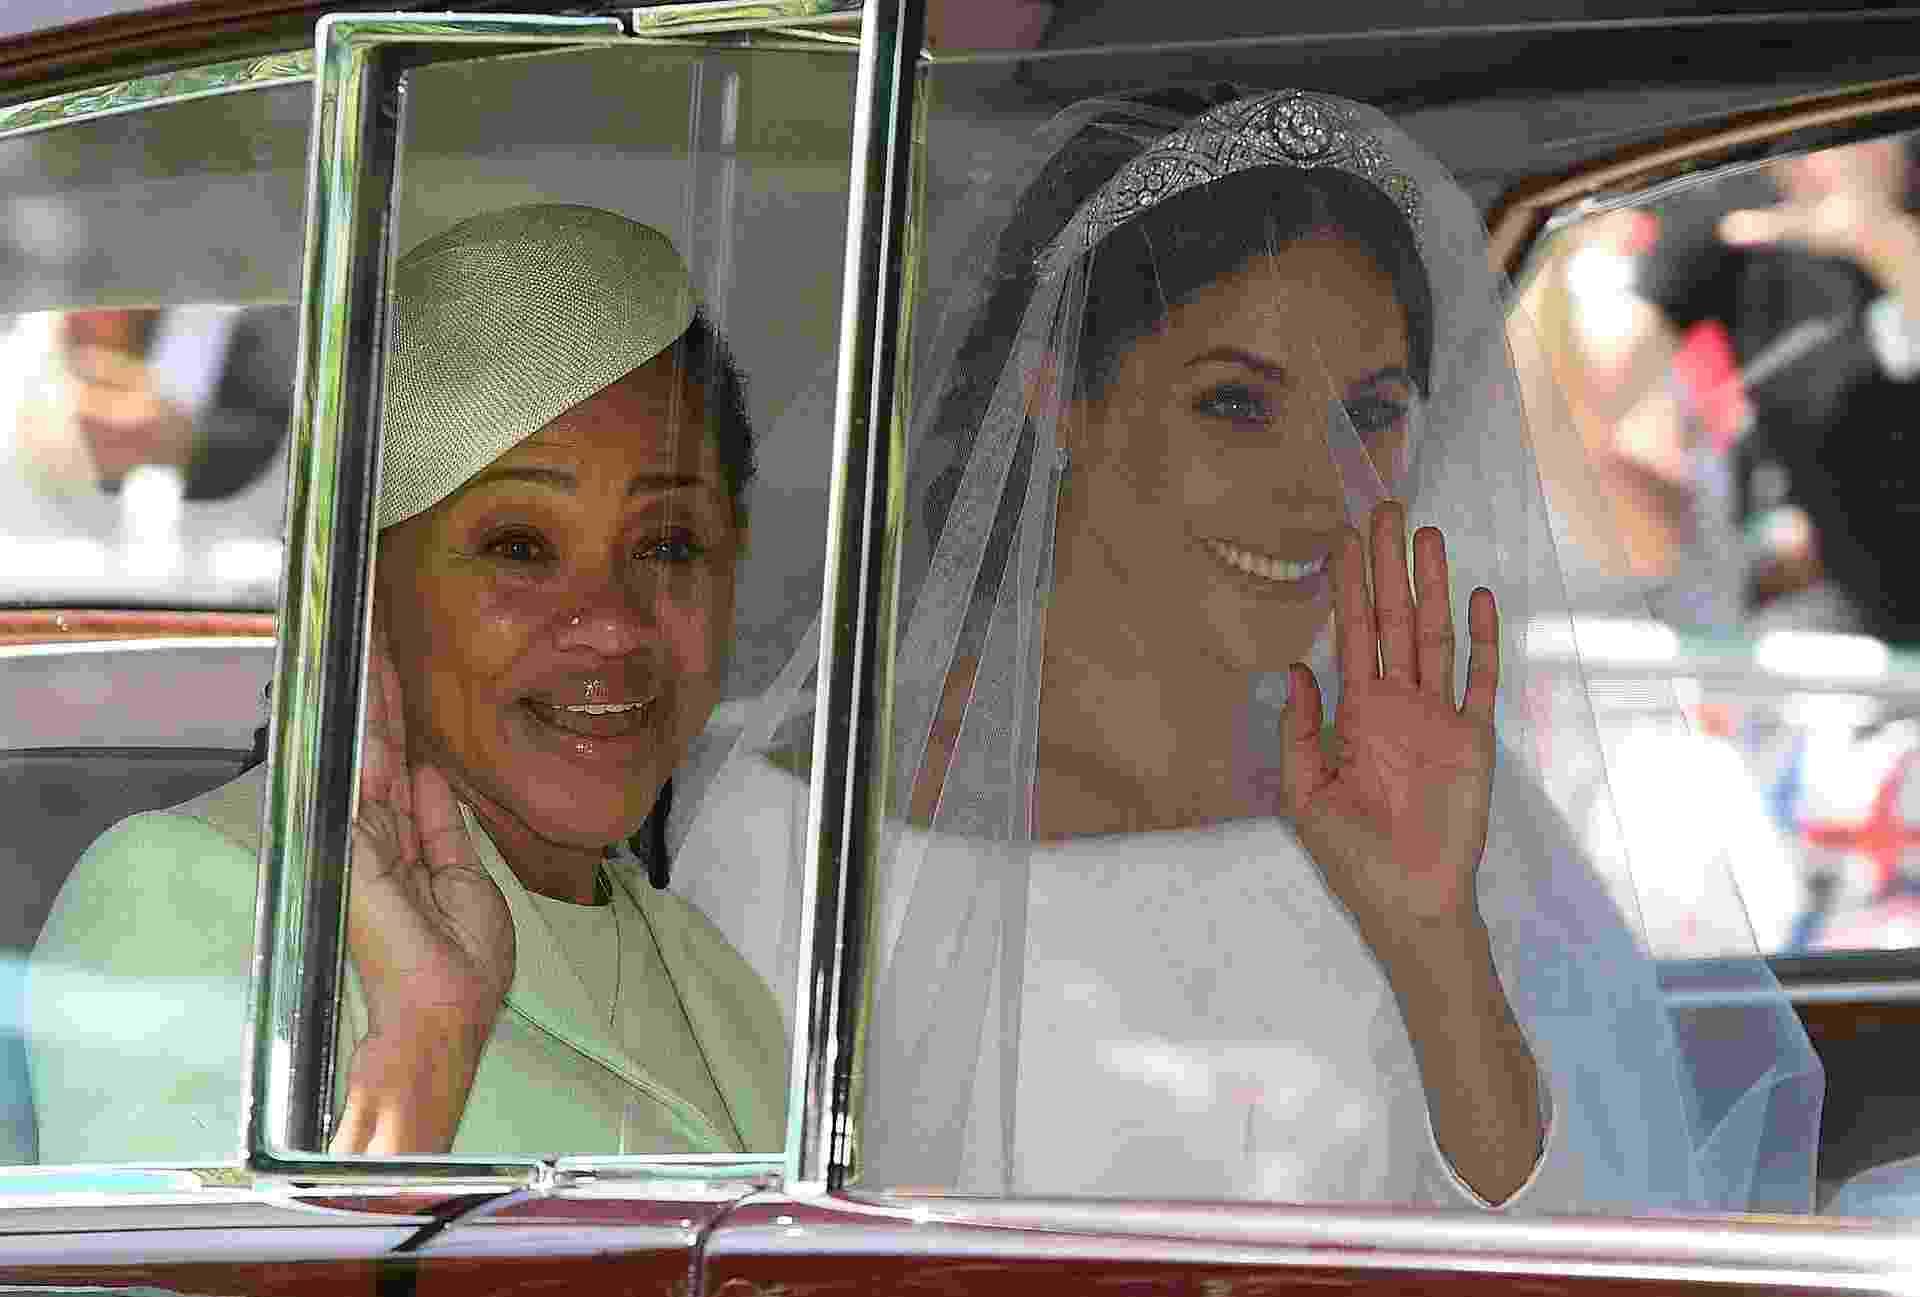 Meghan chegou de carro acompanhada da mãe, Doria Ragland - Oli SCARFF/AFP